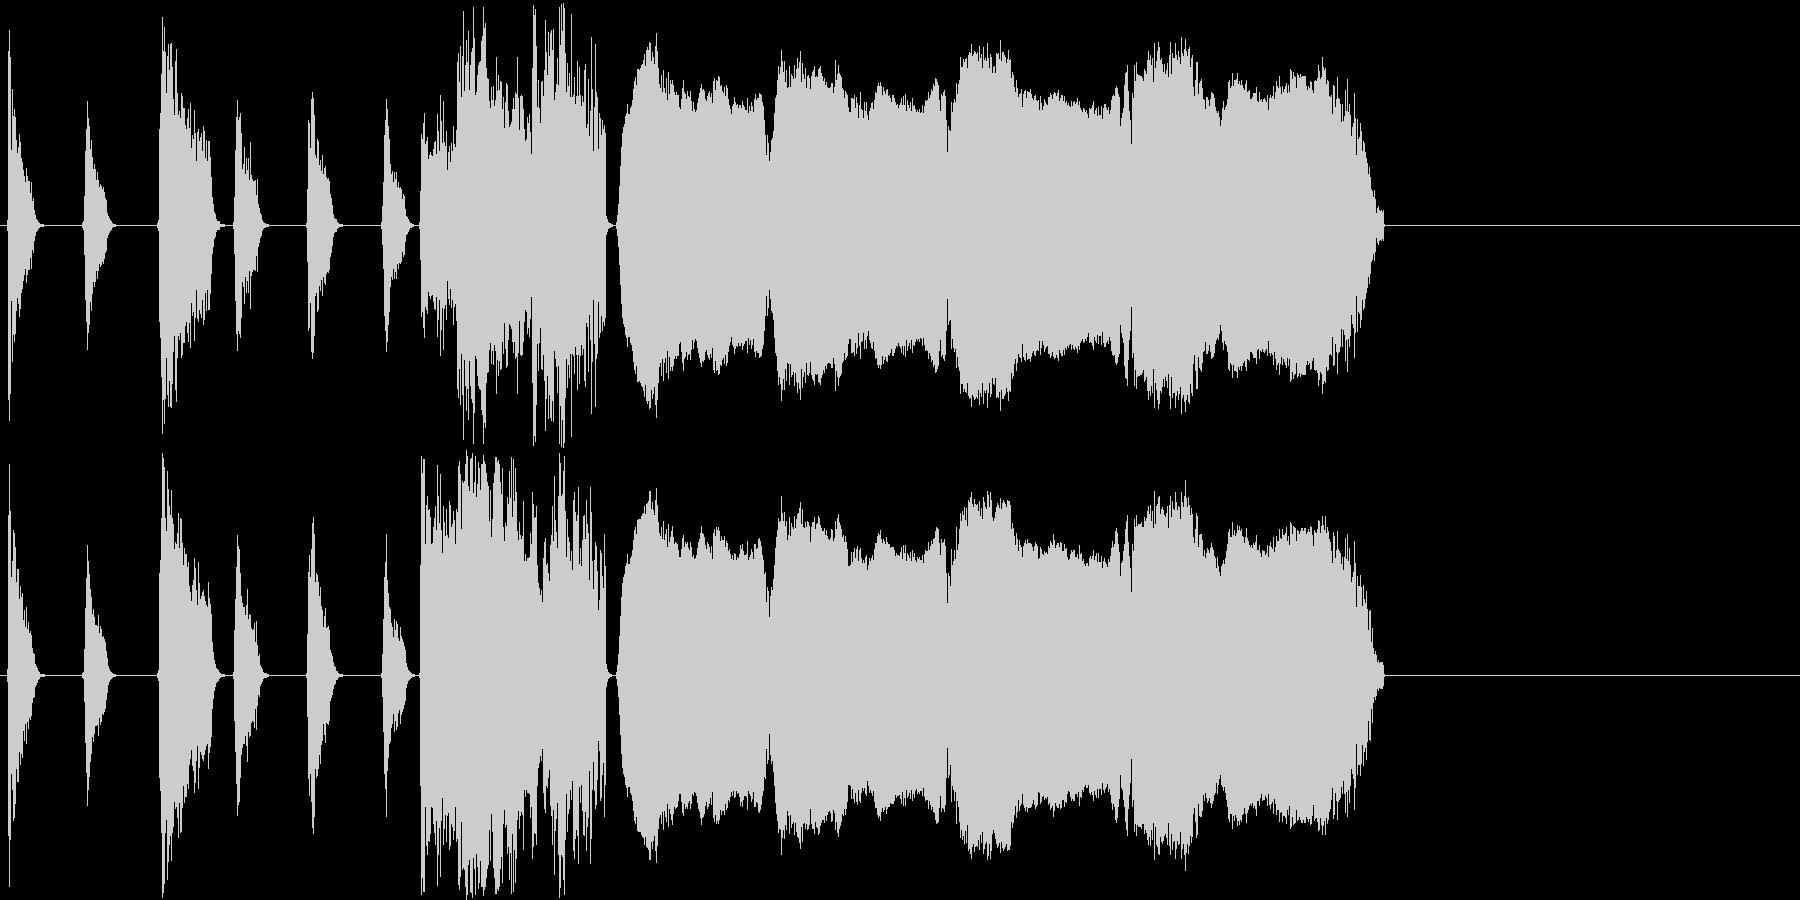 【パワフル/ショートジングル】の未再生の波形